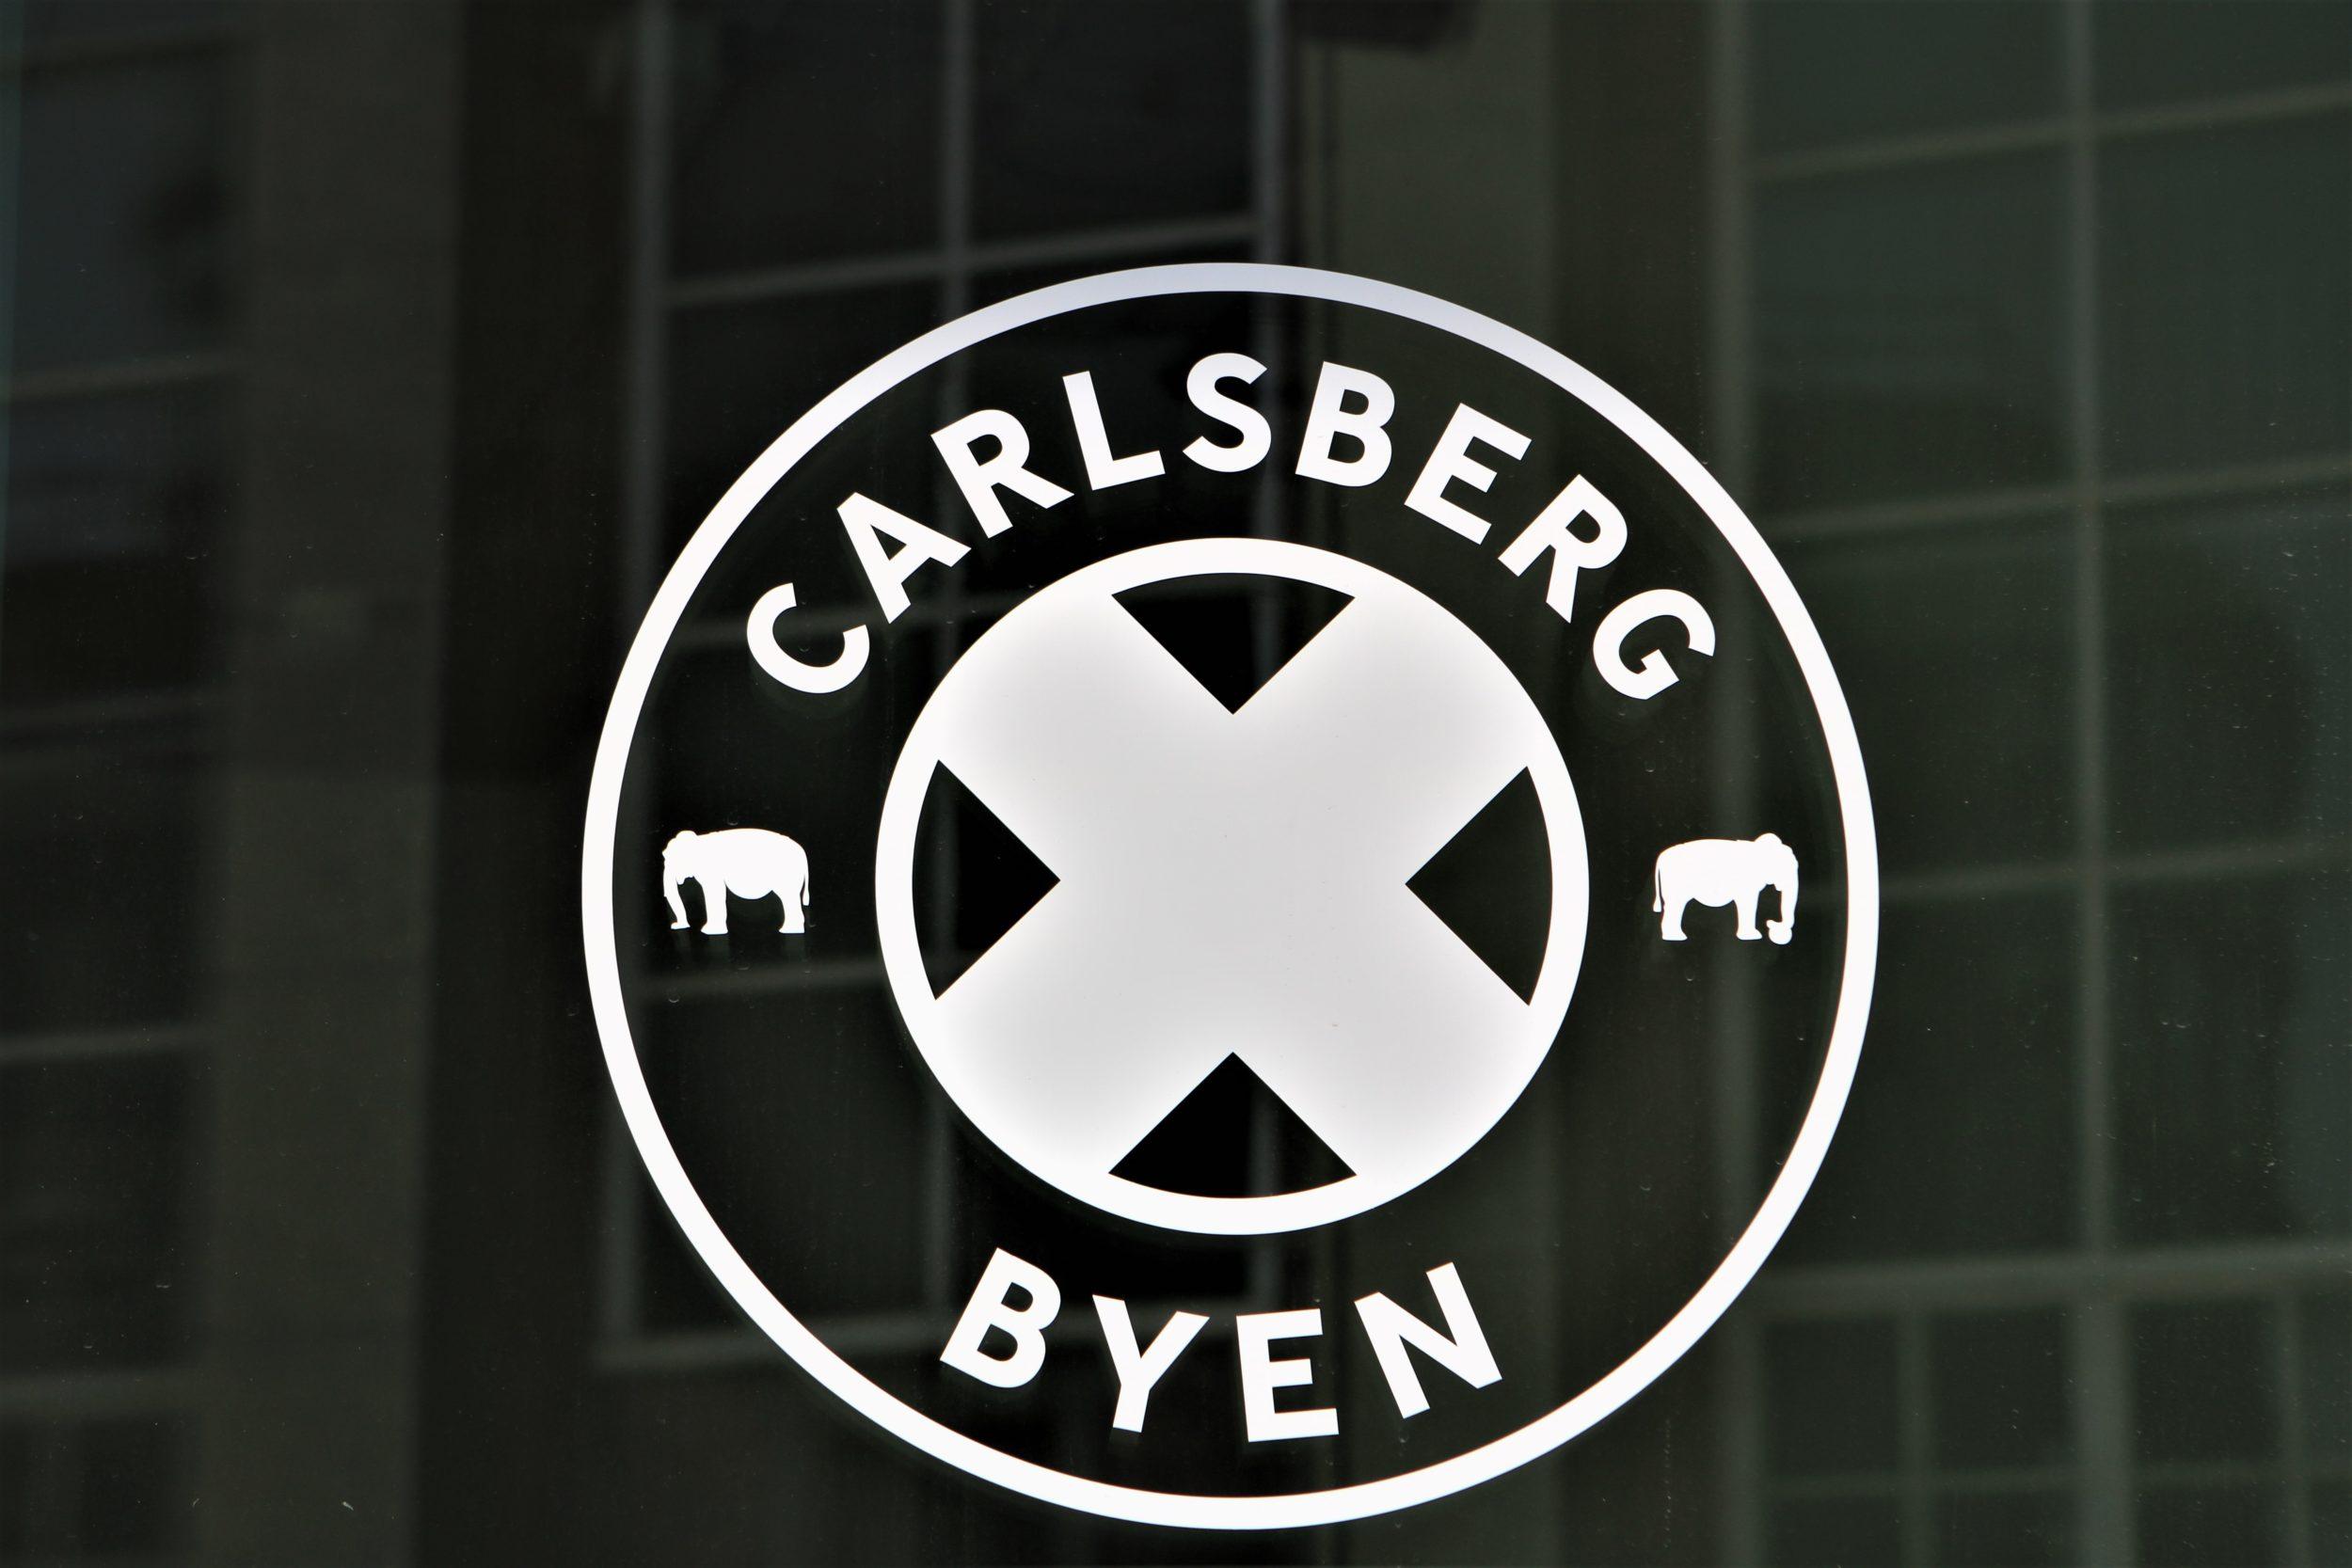 27 nye boliger i helt særlig ejendom i Carlsberg Byen